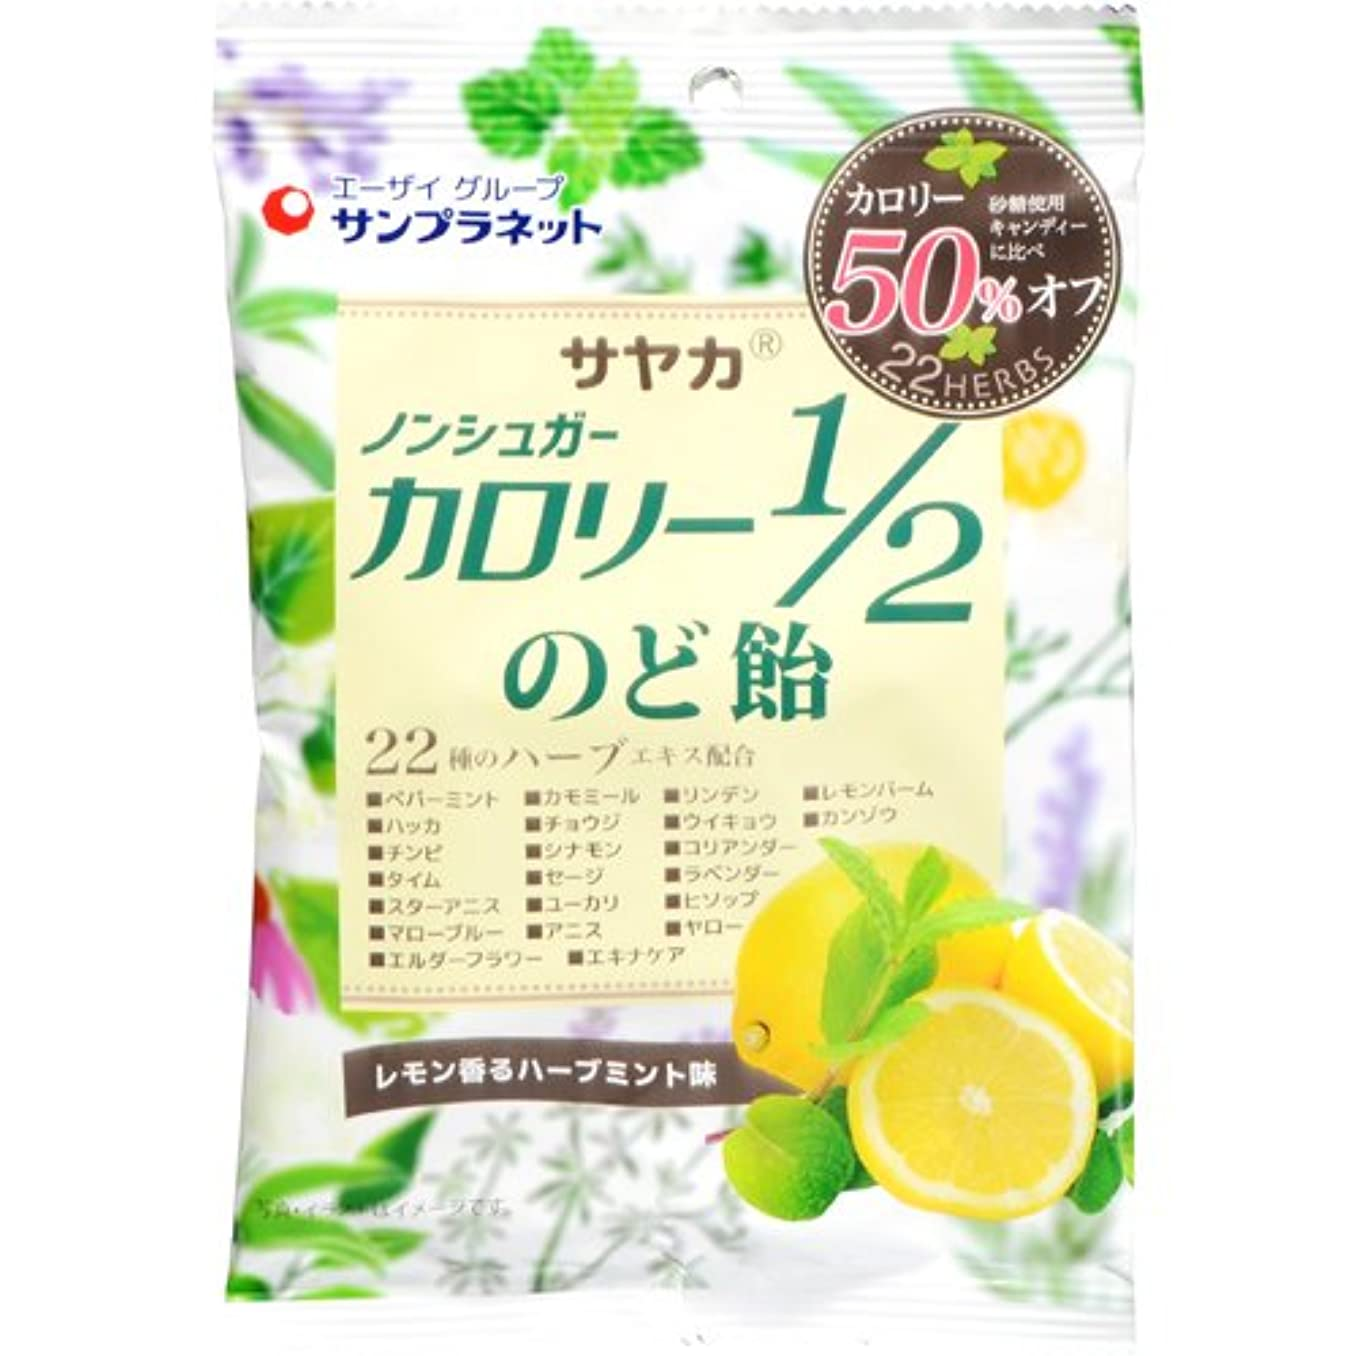 まで曖昧な悲惨なサンプラネット サヤカ ノンシュガー カロリー1/2 のど飴 55g